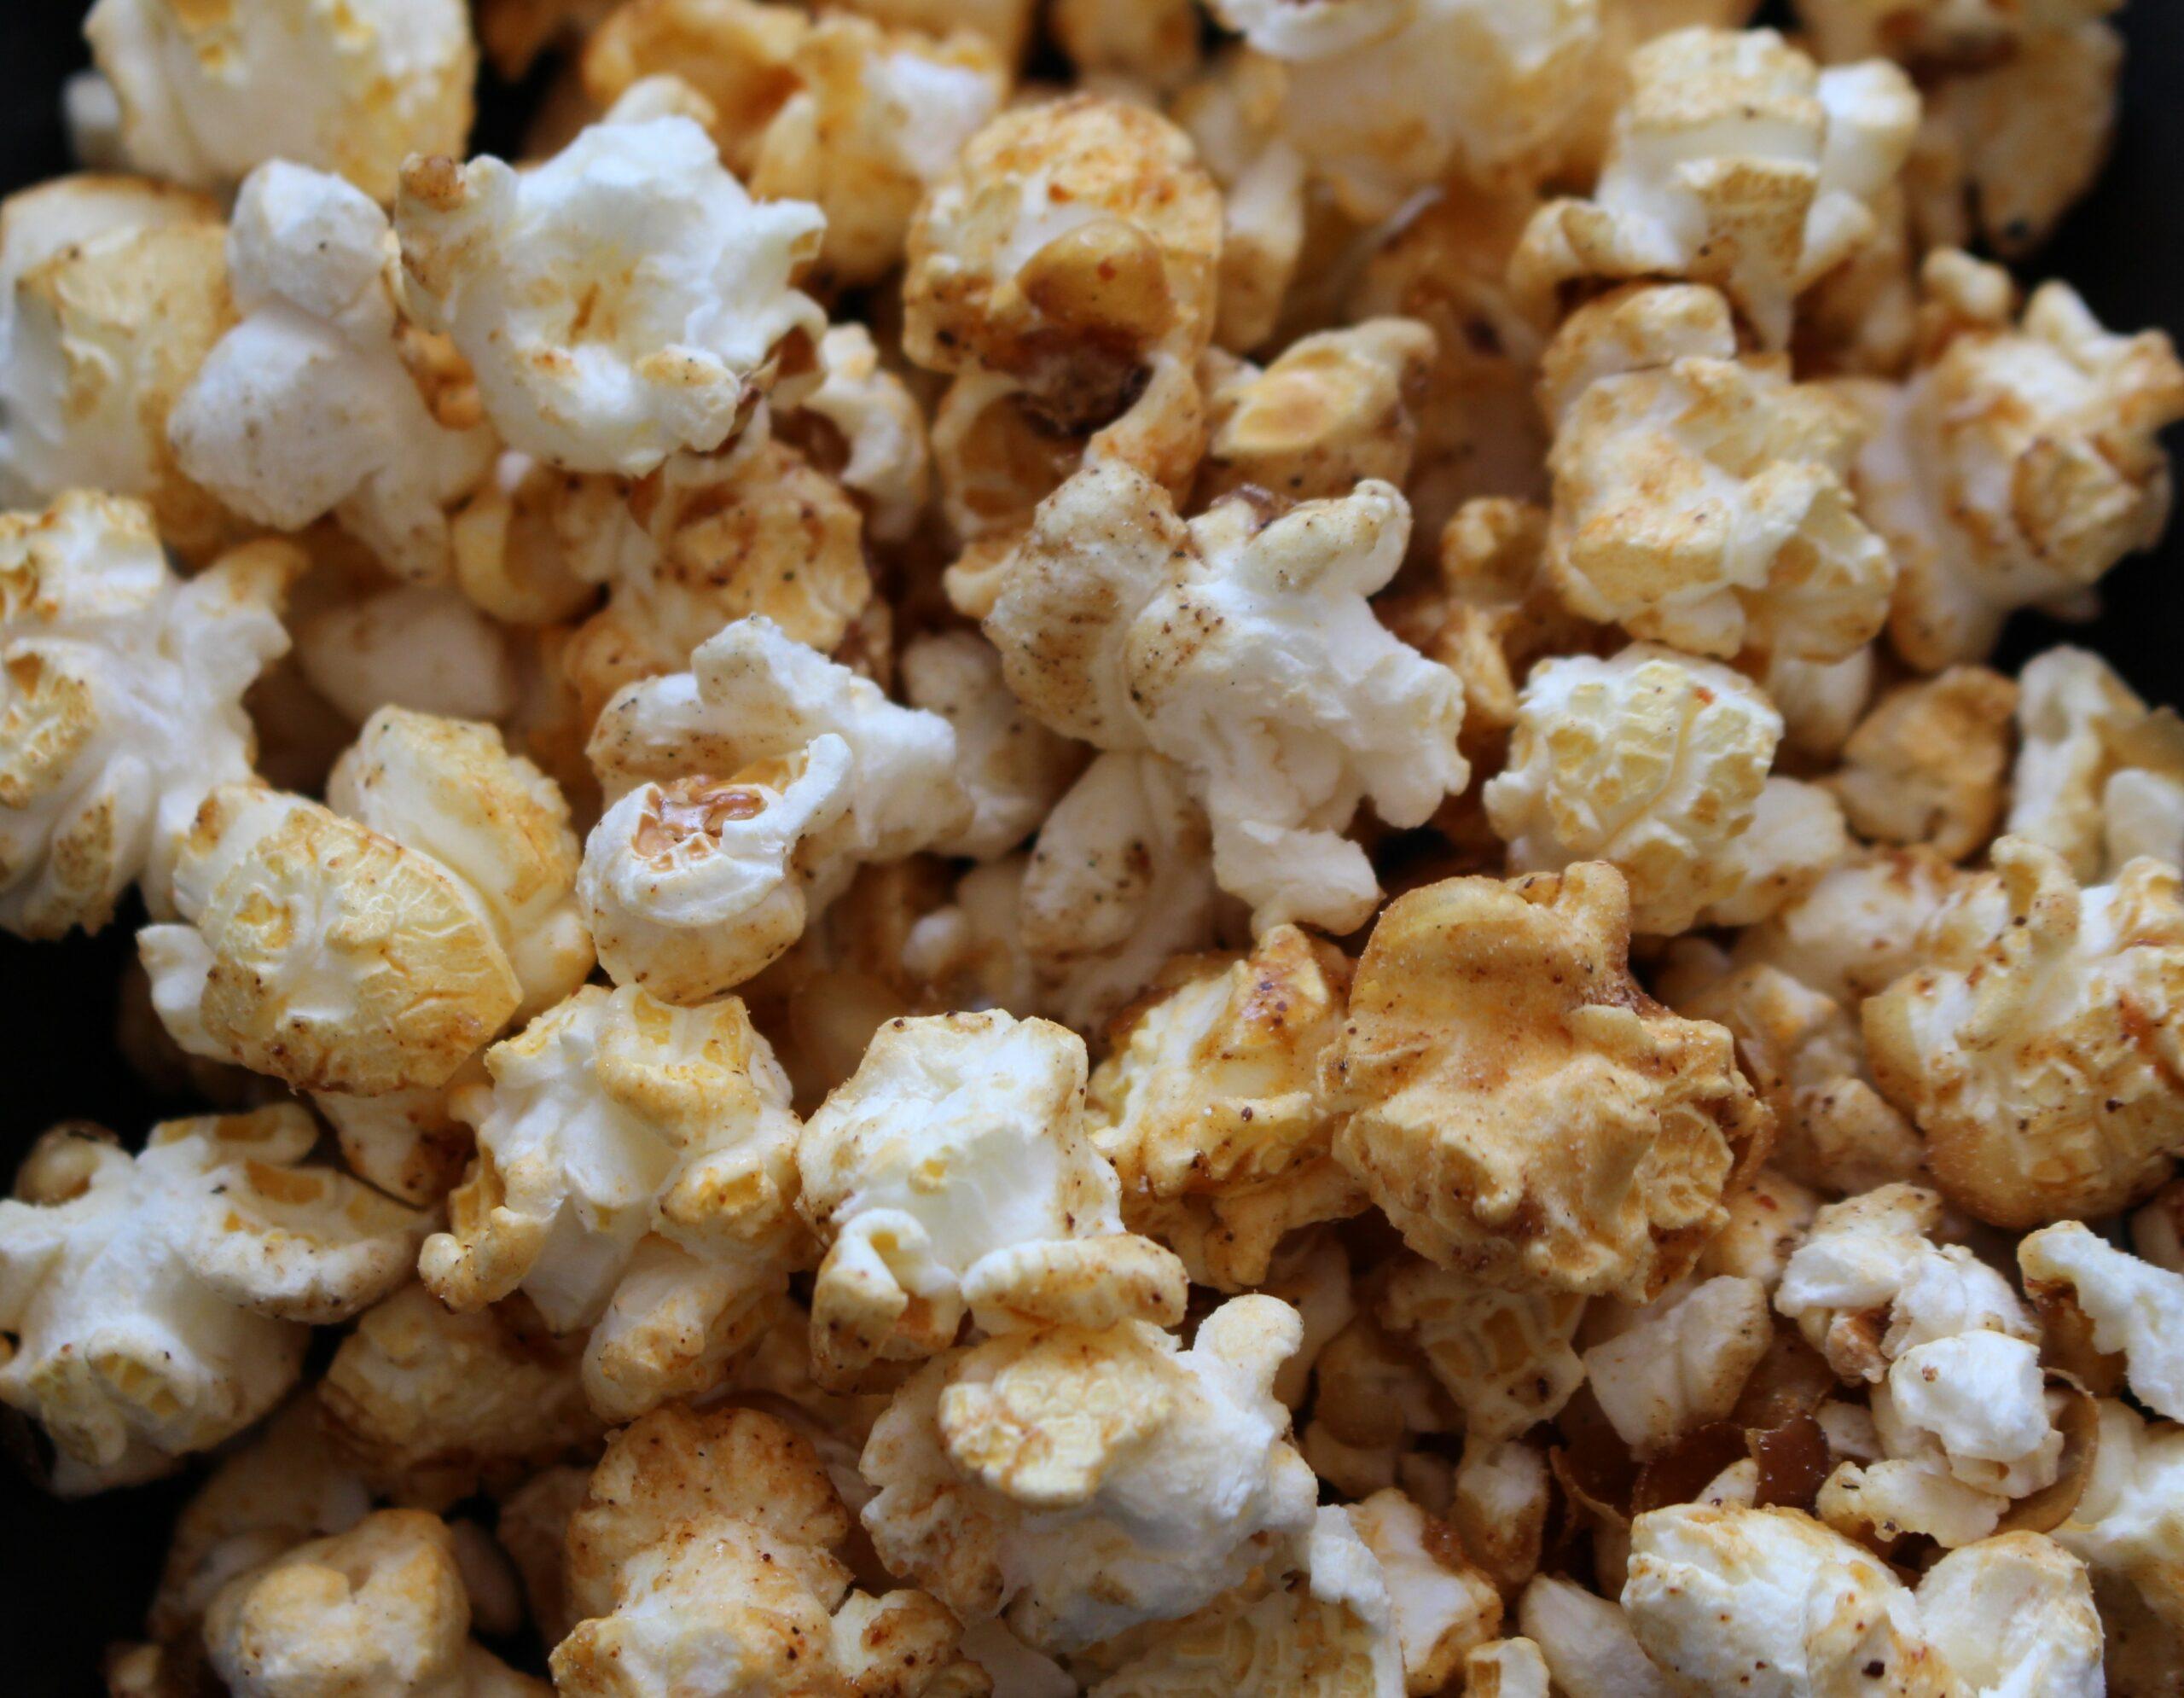 Popcorn fragen Sie? In Äthiopien gehört Popcorn zu jeder Kaffeezeremonie; nur das mit dem Berbere ist unsere Idee.